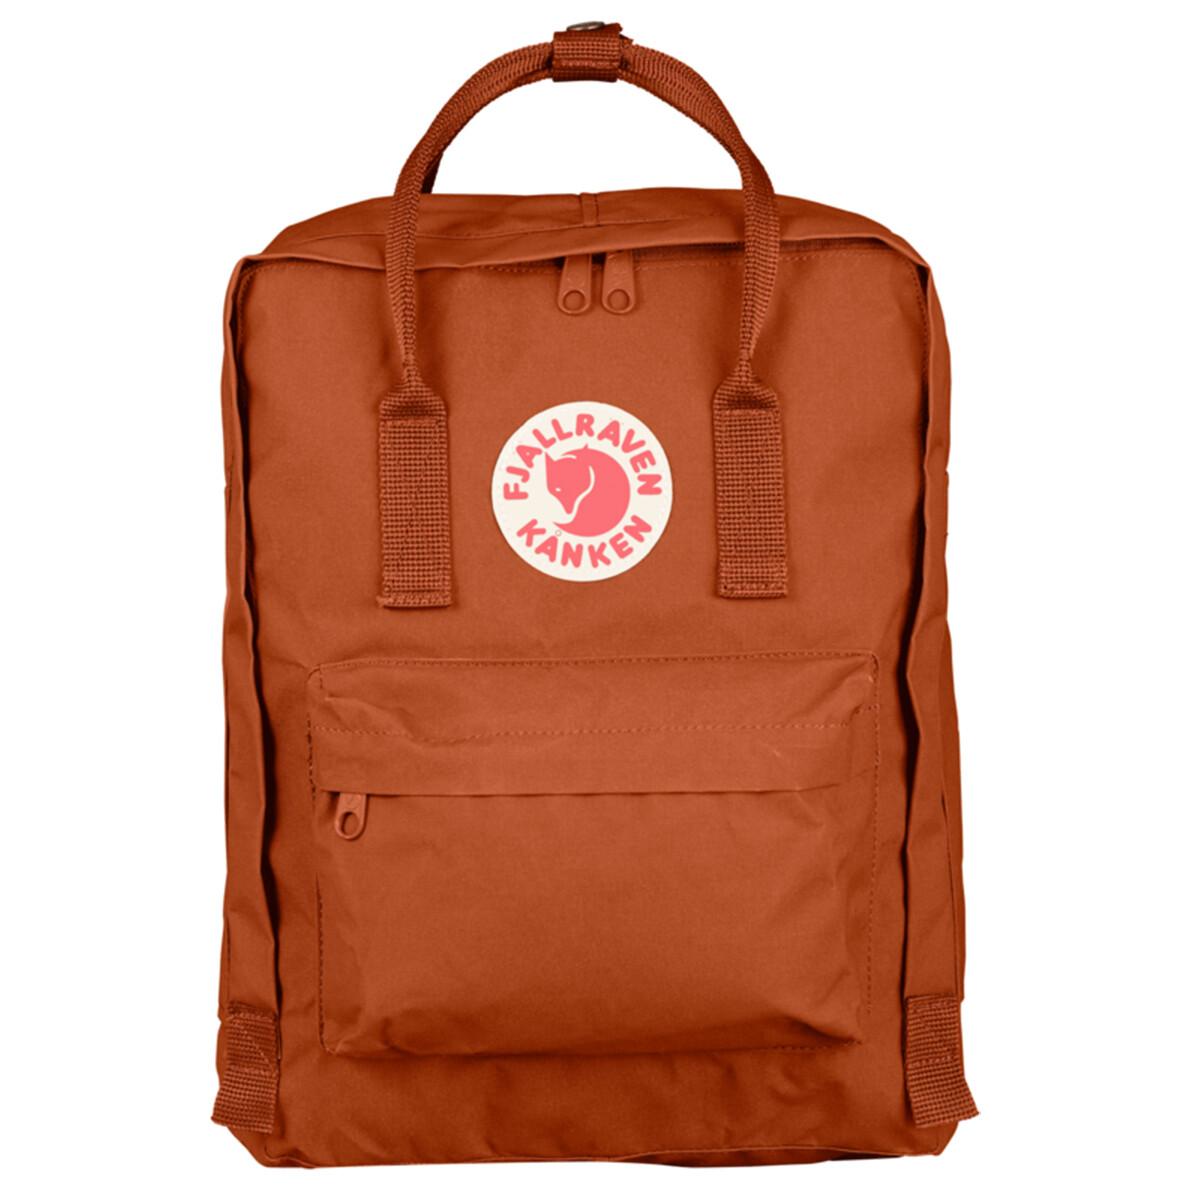 Fjallraven KÅNKEN Backpack- Brick